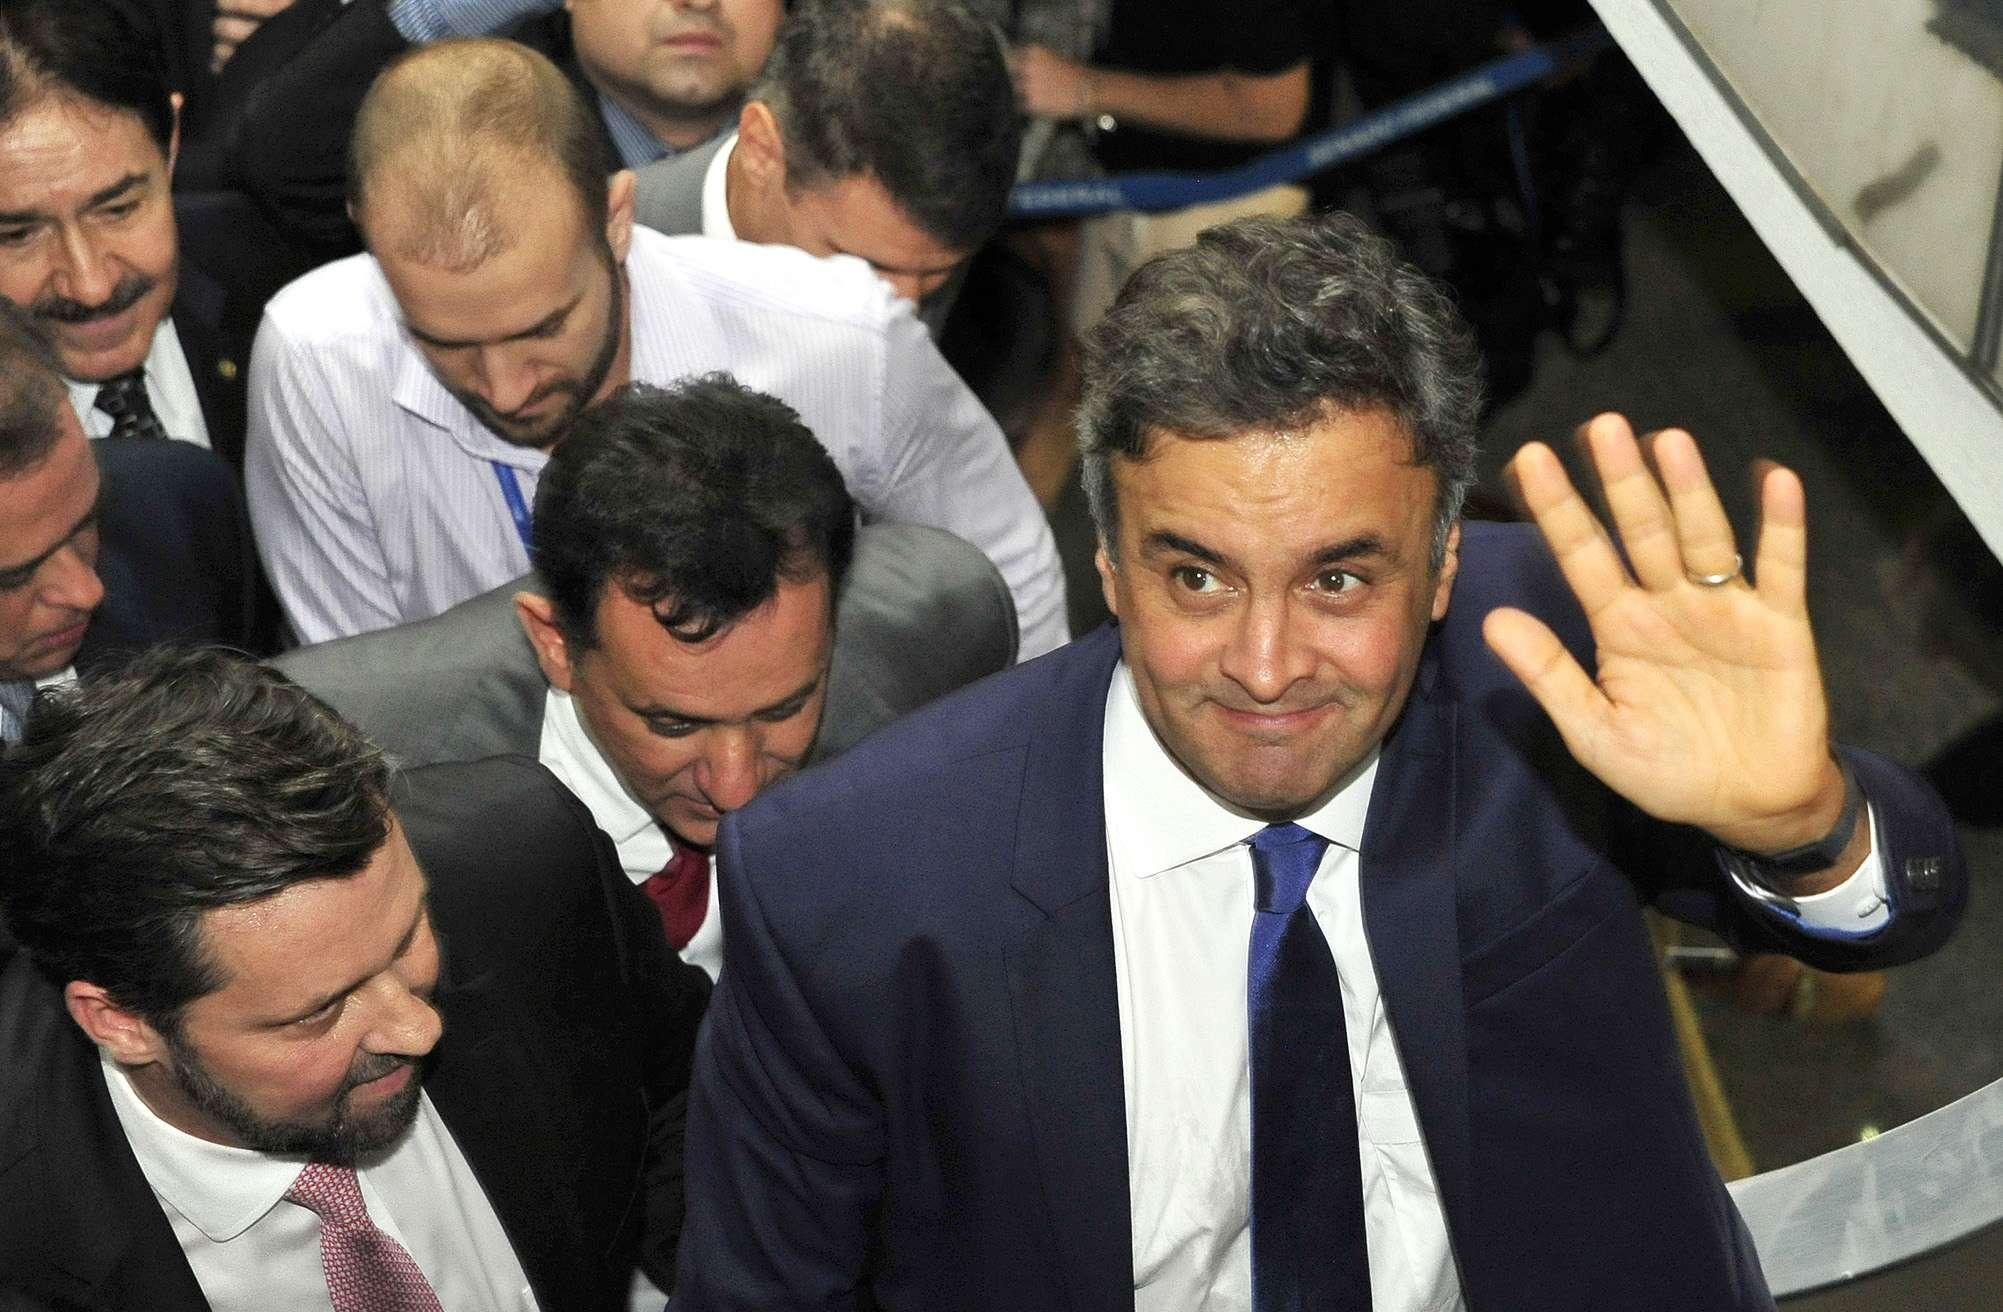 Foto: Gabriela-Korossy/Câmara dos Deputados